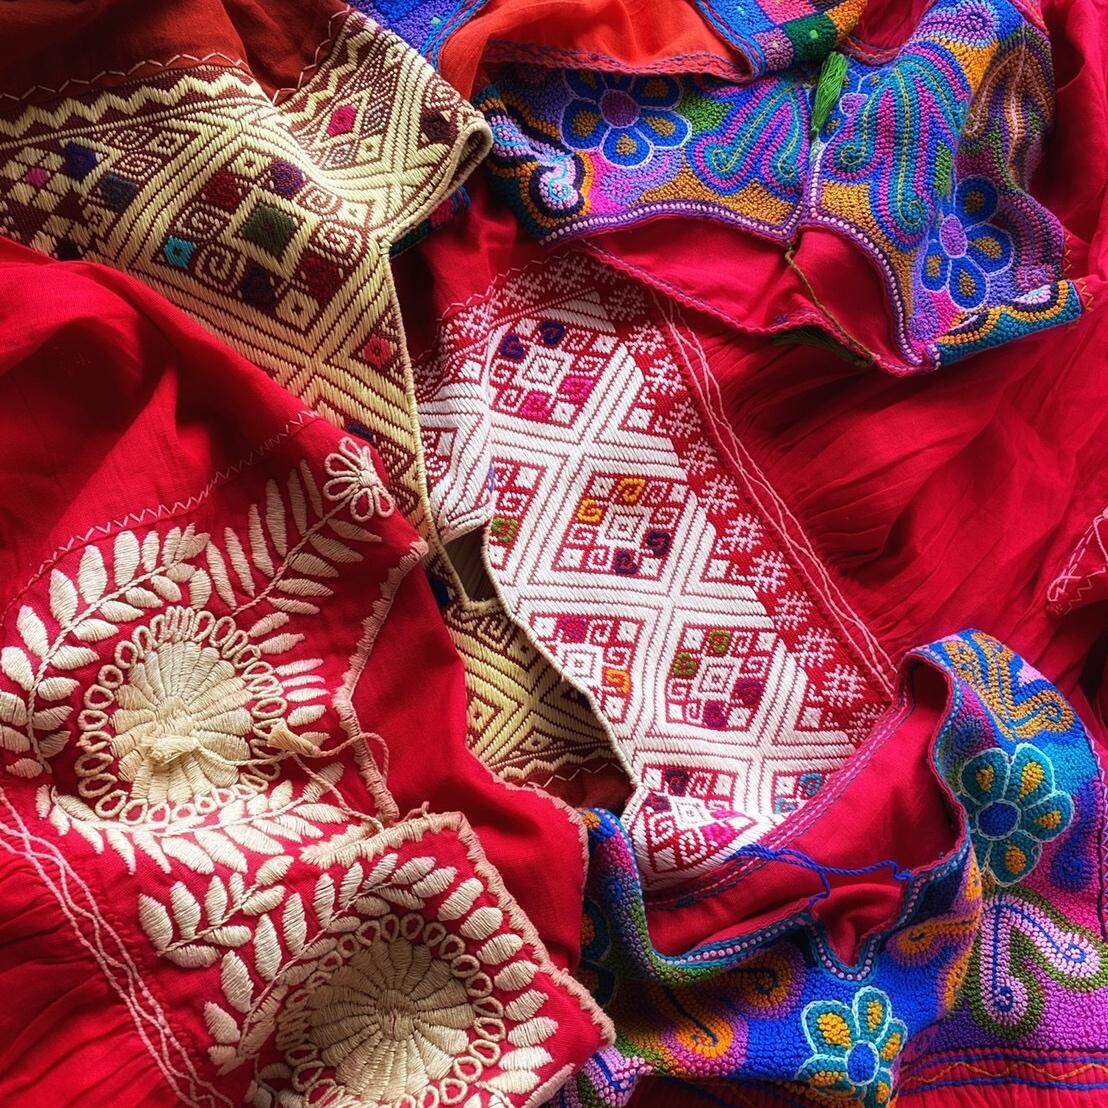 メキシコ刺繍ブラウス〜レッド系〜